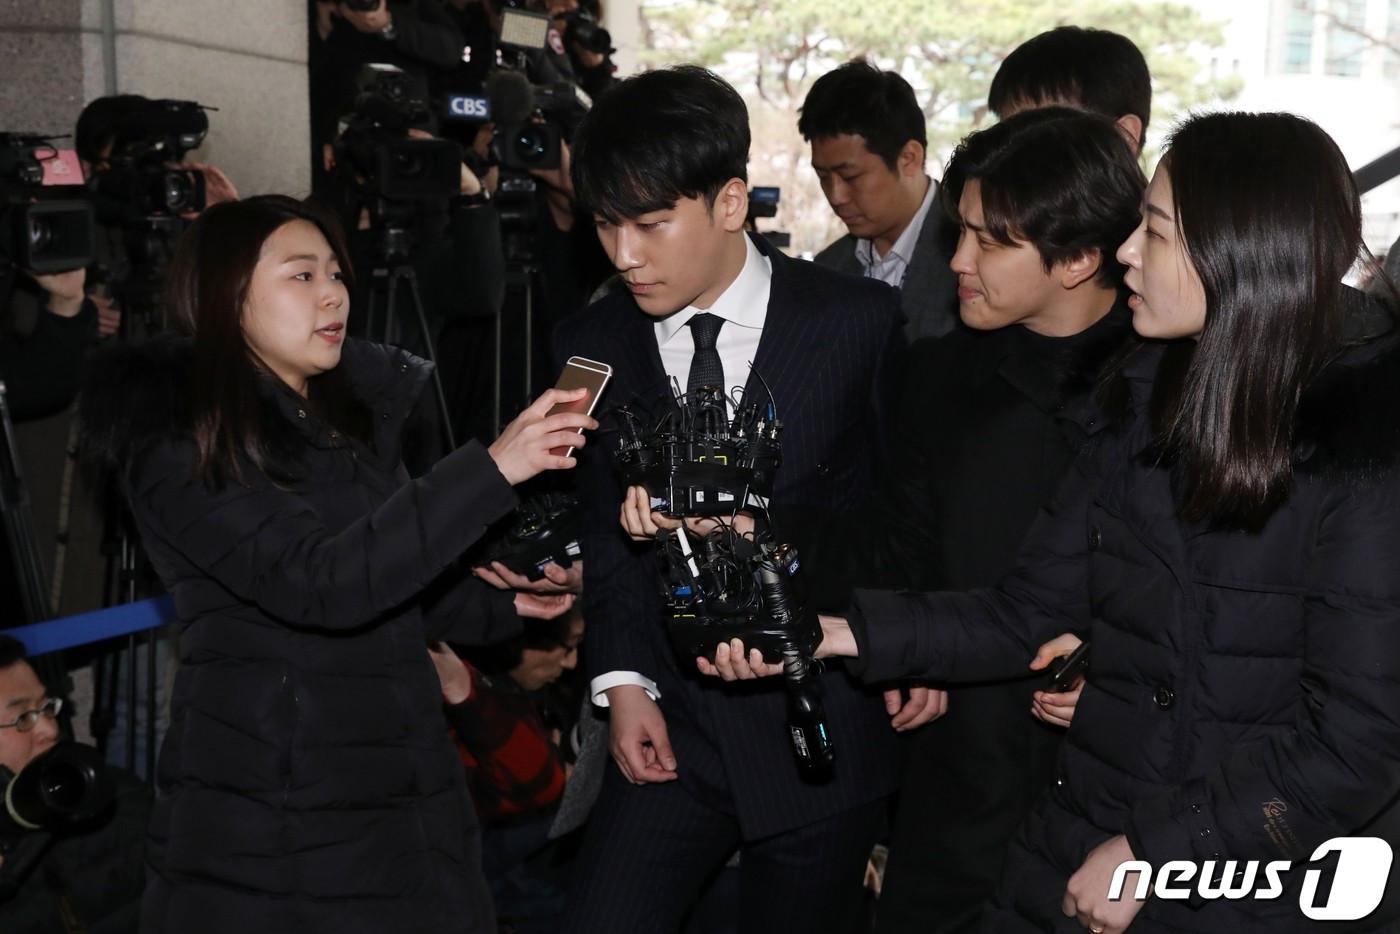 CLIP: Seungri trình diện tại đồn cảnh sát để thẩm vấn, khuôn mặt tiều tụy, nói lời xin lỗi đến các fan